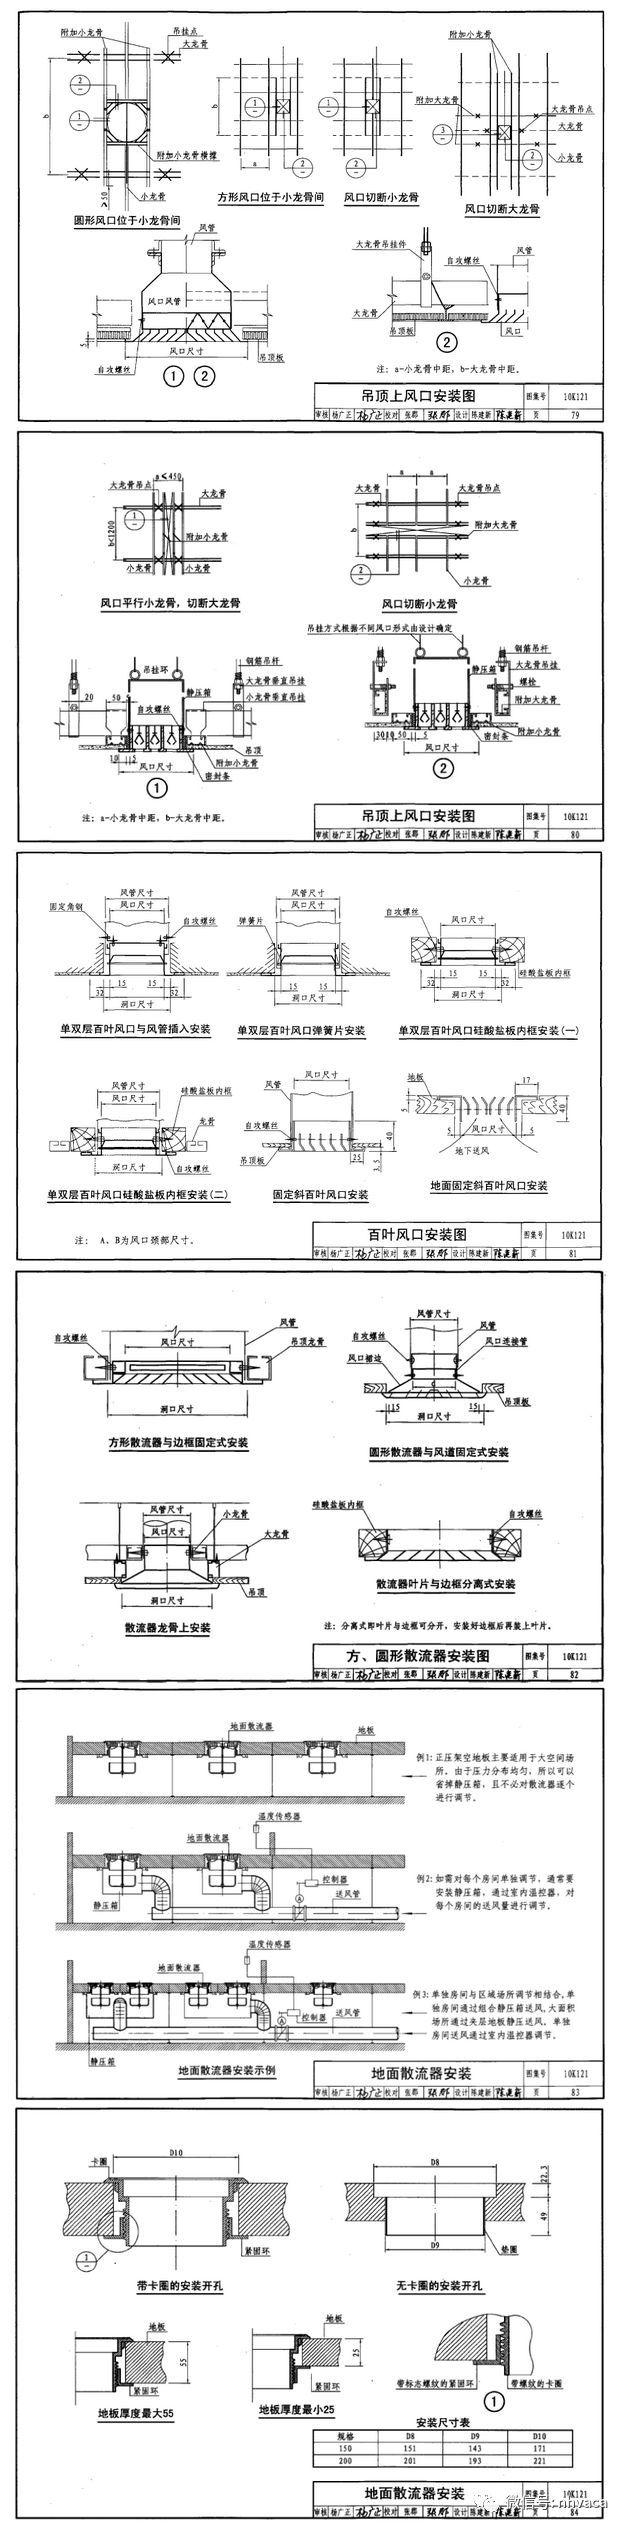 风口散流器与气流组织综合应用手册_19